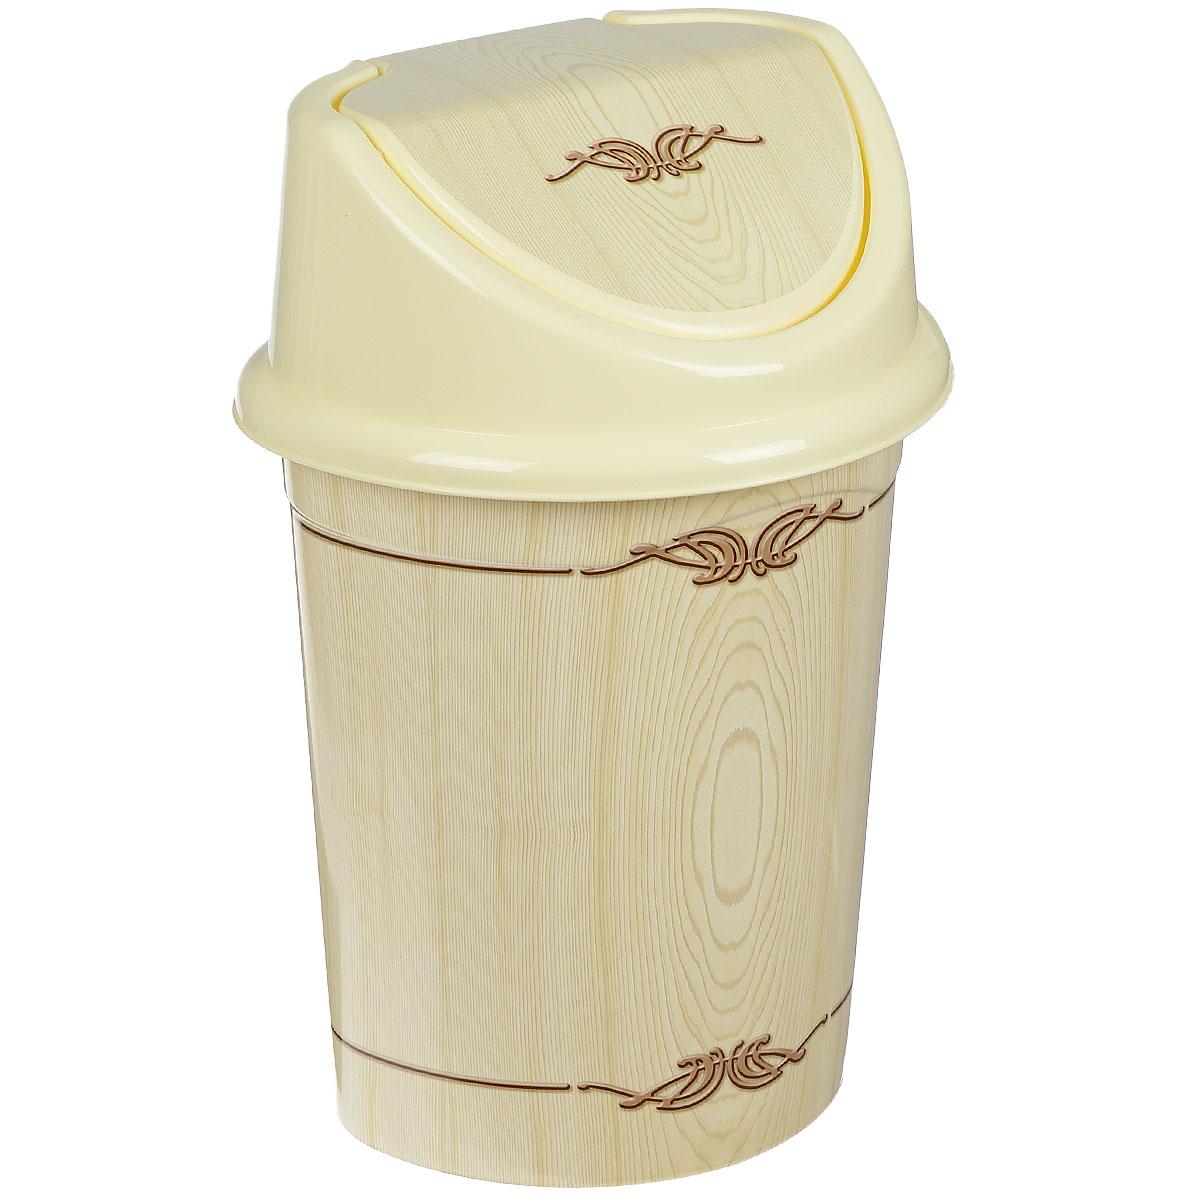 Контейнер для мусора Violet Беленый дуб, цвет: слоновая кость, коричневый, 14 л68/5/3Контейнер для мусора Violet Беленый дуб изготовлен из прочного пластика. Контейнер снабжен удобной съемной крышкой с подвижной перегородкой. В нем удобно хранить мелкий мусор. Благодаря лаконичному дизайну такой контейнер идеально впишется в интерьер и дома, и офиса.Высота контейнера без крышки: 33,5 см.